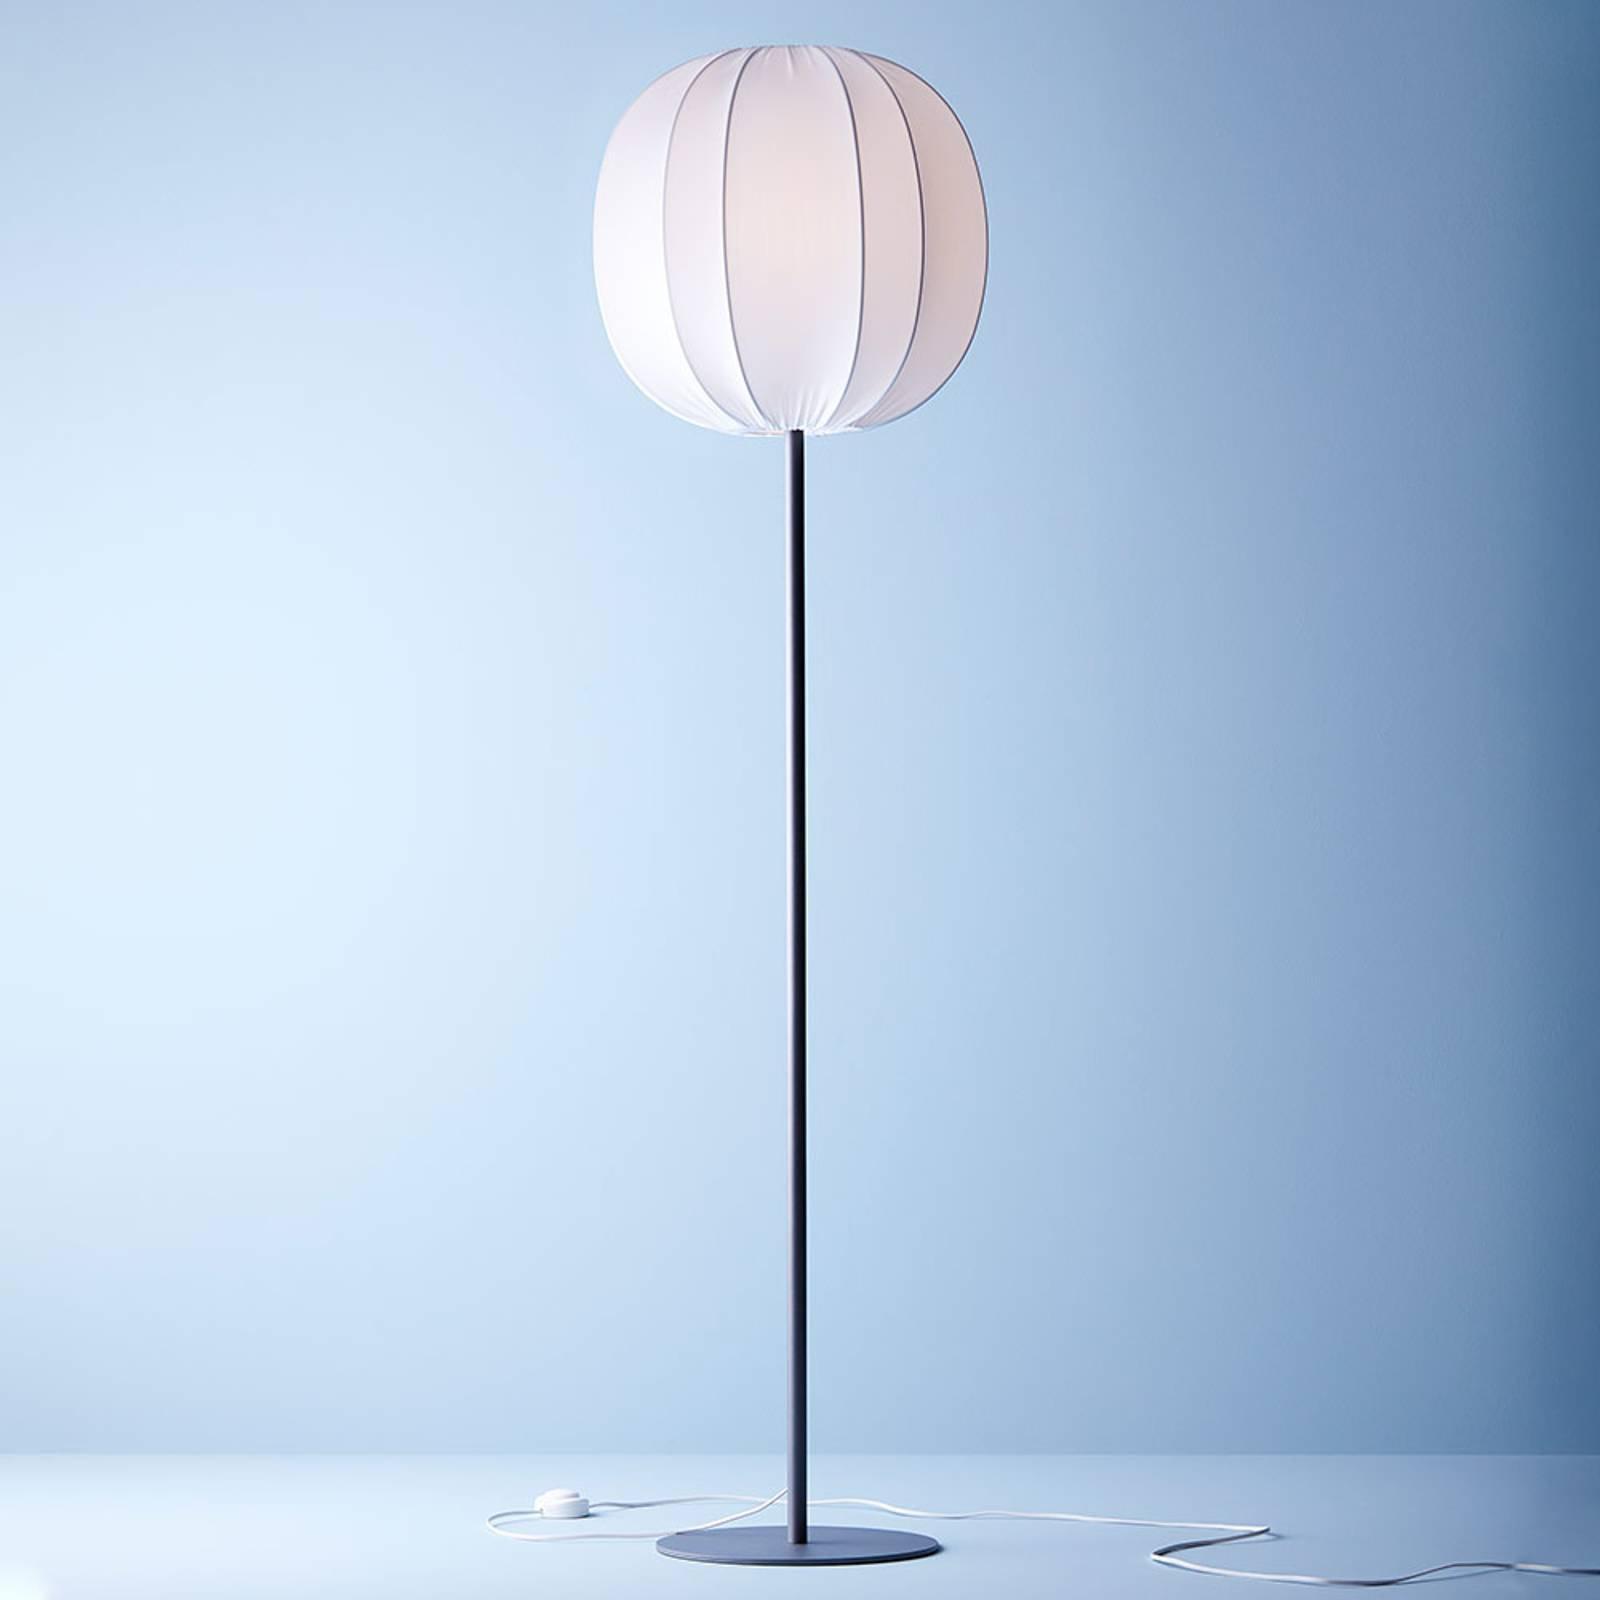 Gulvlampe Neo med tekstilskjerm, grafitt/hvit